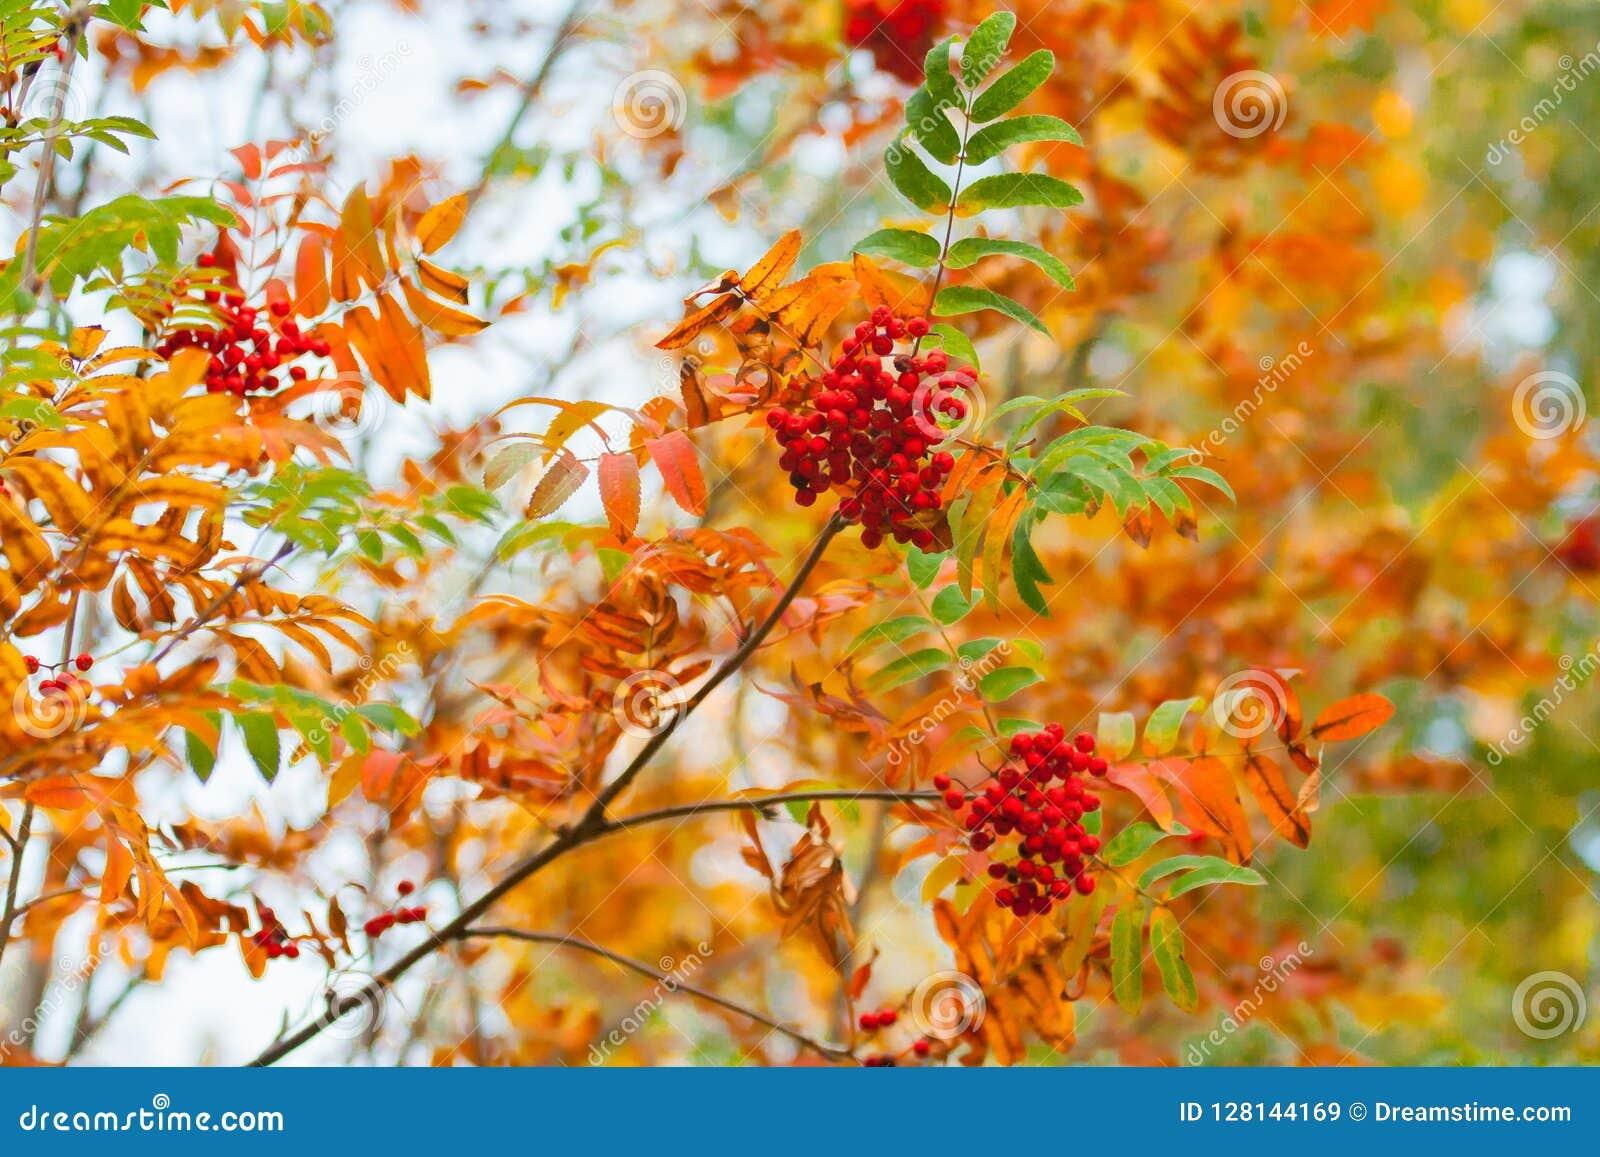 """Rote Beeren und orange Eberesche verlässt †""""eine schöne vergrößerte Ansicht eines Baumasts im Herbst mit bokeh Effekt"""